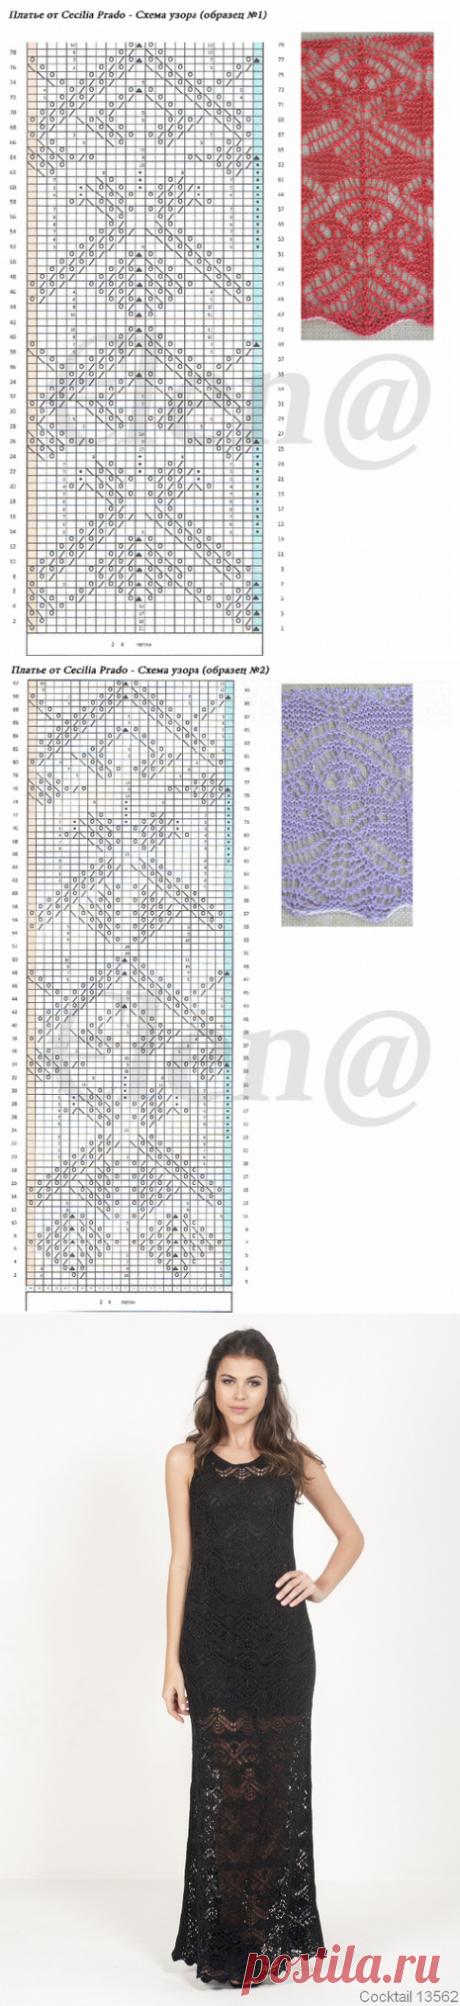 Схемы для платья от Cecilia Prado